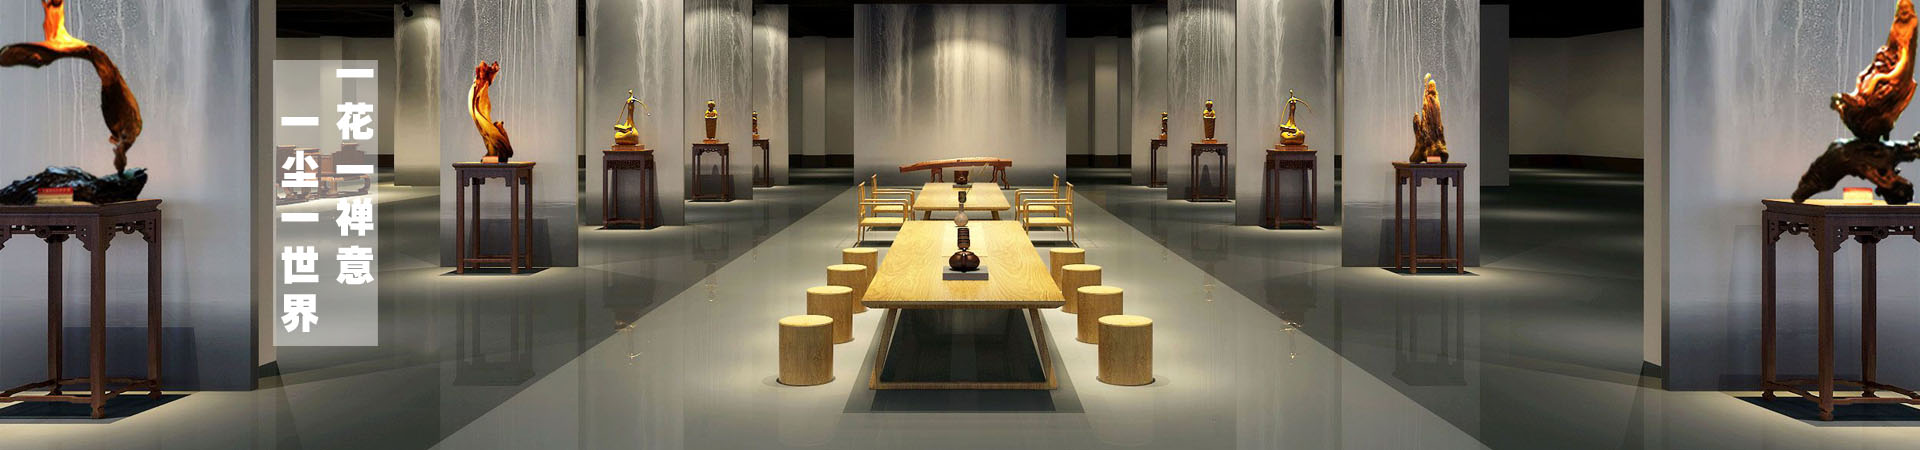 最美中式酒店设计,四个